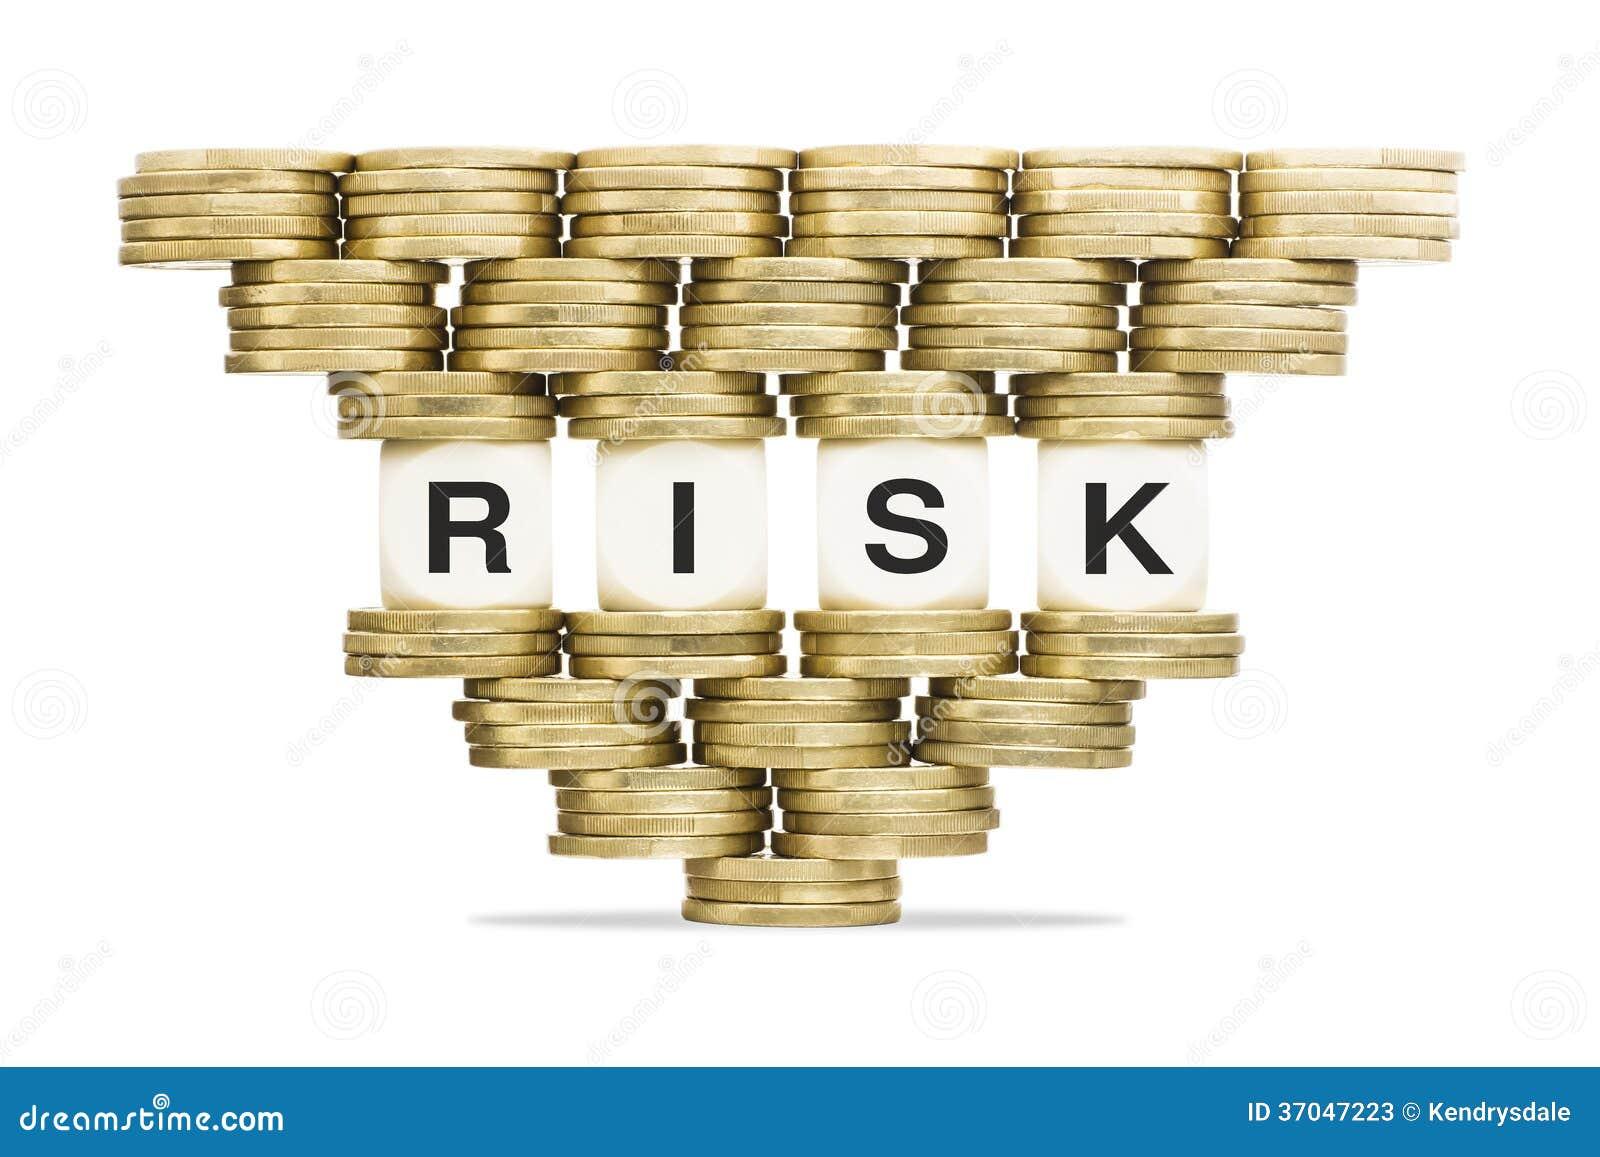 Риск слова управление при допущениеи риска на неустойчивом стоге золотых монеток